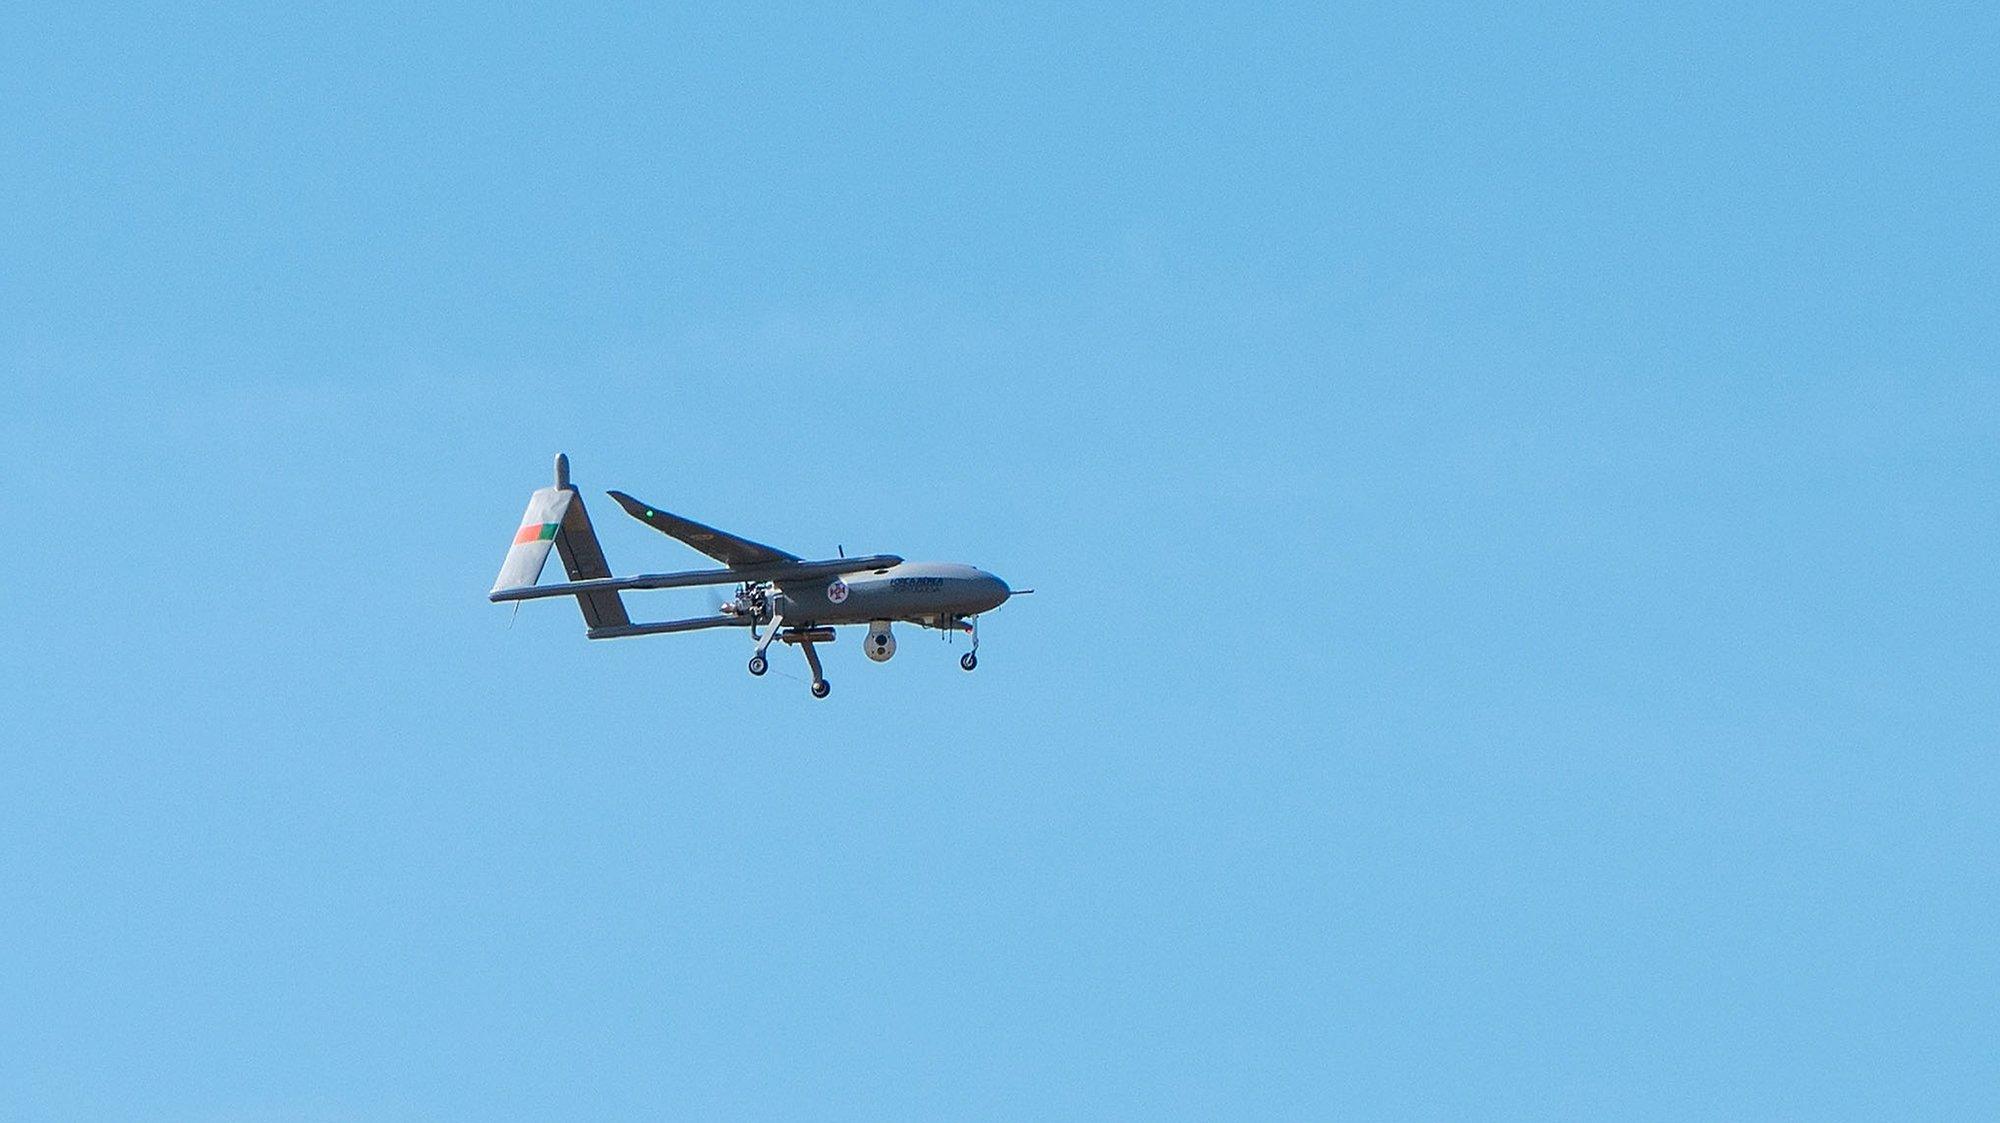 Uma aeronave não tripulada (UAV), durante a visita ao destacamento de Sistemas Aéreos não Tripulados da Força Aérea Portuguesa, sediado no Aeródromo da Lousã, do ministro da Defesa Nacional, João Gomes Cravinho, o ministro do Ambiente e da Ação Climática, João Pedro Matos Fernandes (ausentes da foto), para assistir a um brífingue sobre a operação e à demonstração de sobrevoo de uma das doze aeronaves não tripuladas (UAV's), cuja aquisição respondeu à necessidade de vigilância aérea adicional no âmbito do Dispositivo Especial de Combate a Incêndios Rurais (DECIR), na Lousã, 04 de agosto de 2020. SÉRGIO AZENHA/LUSA